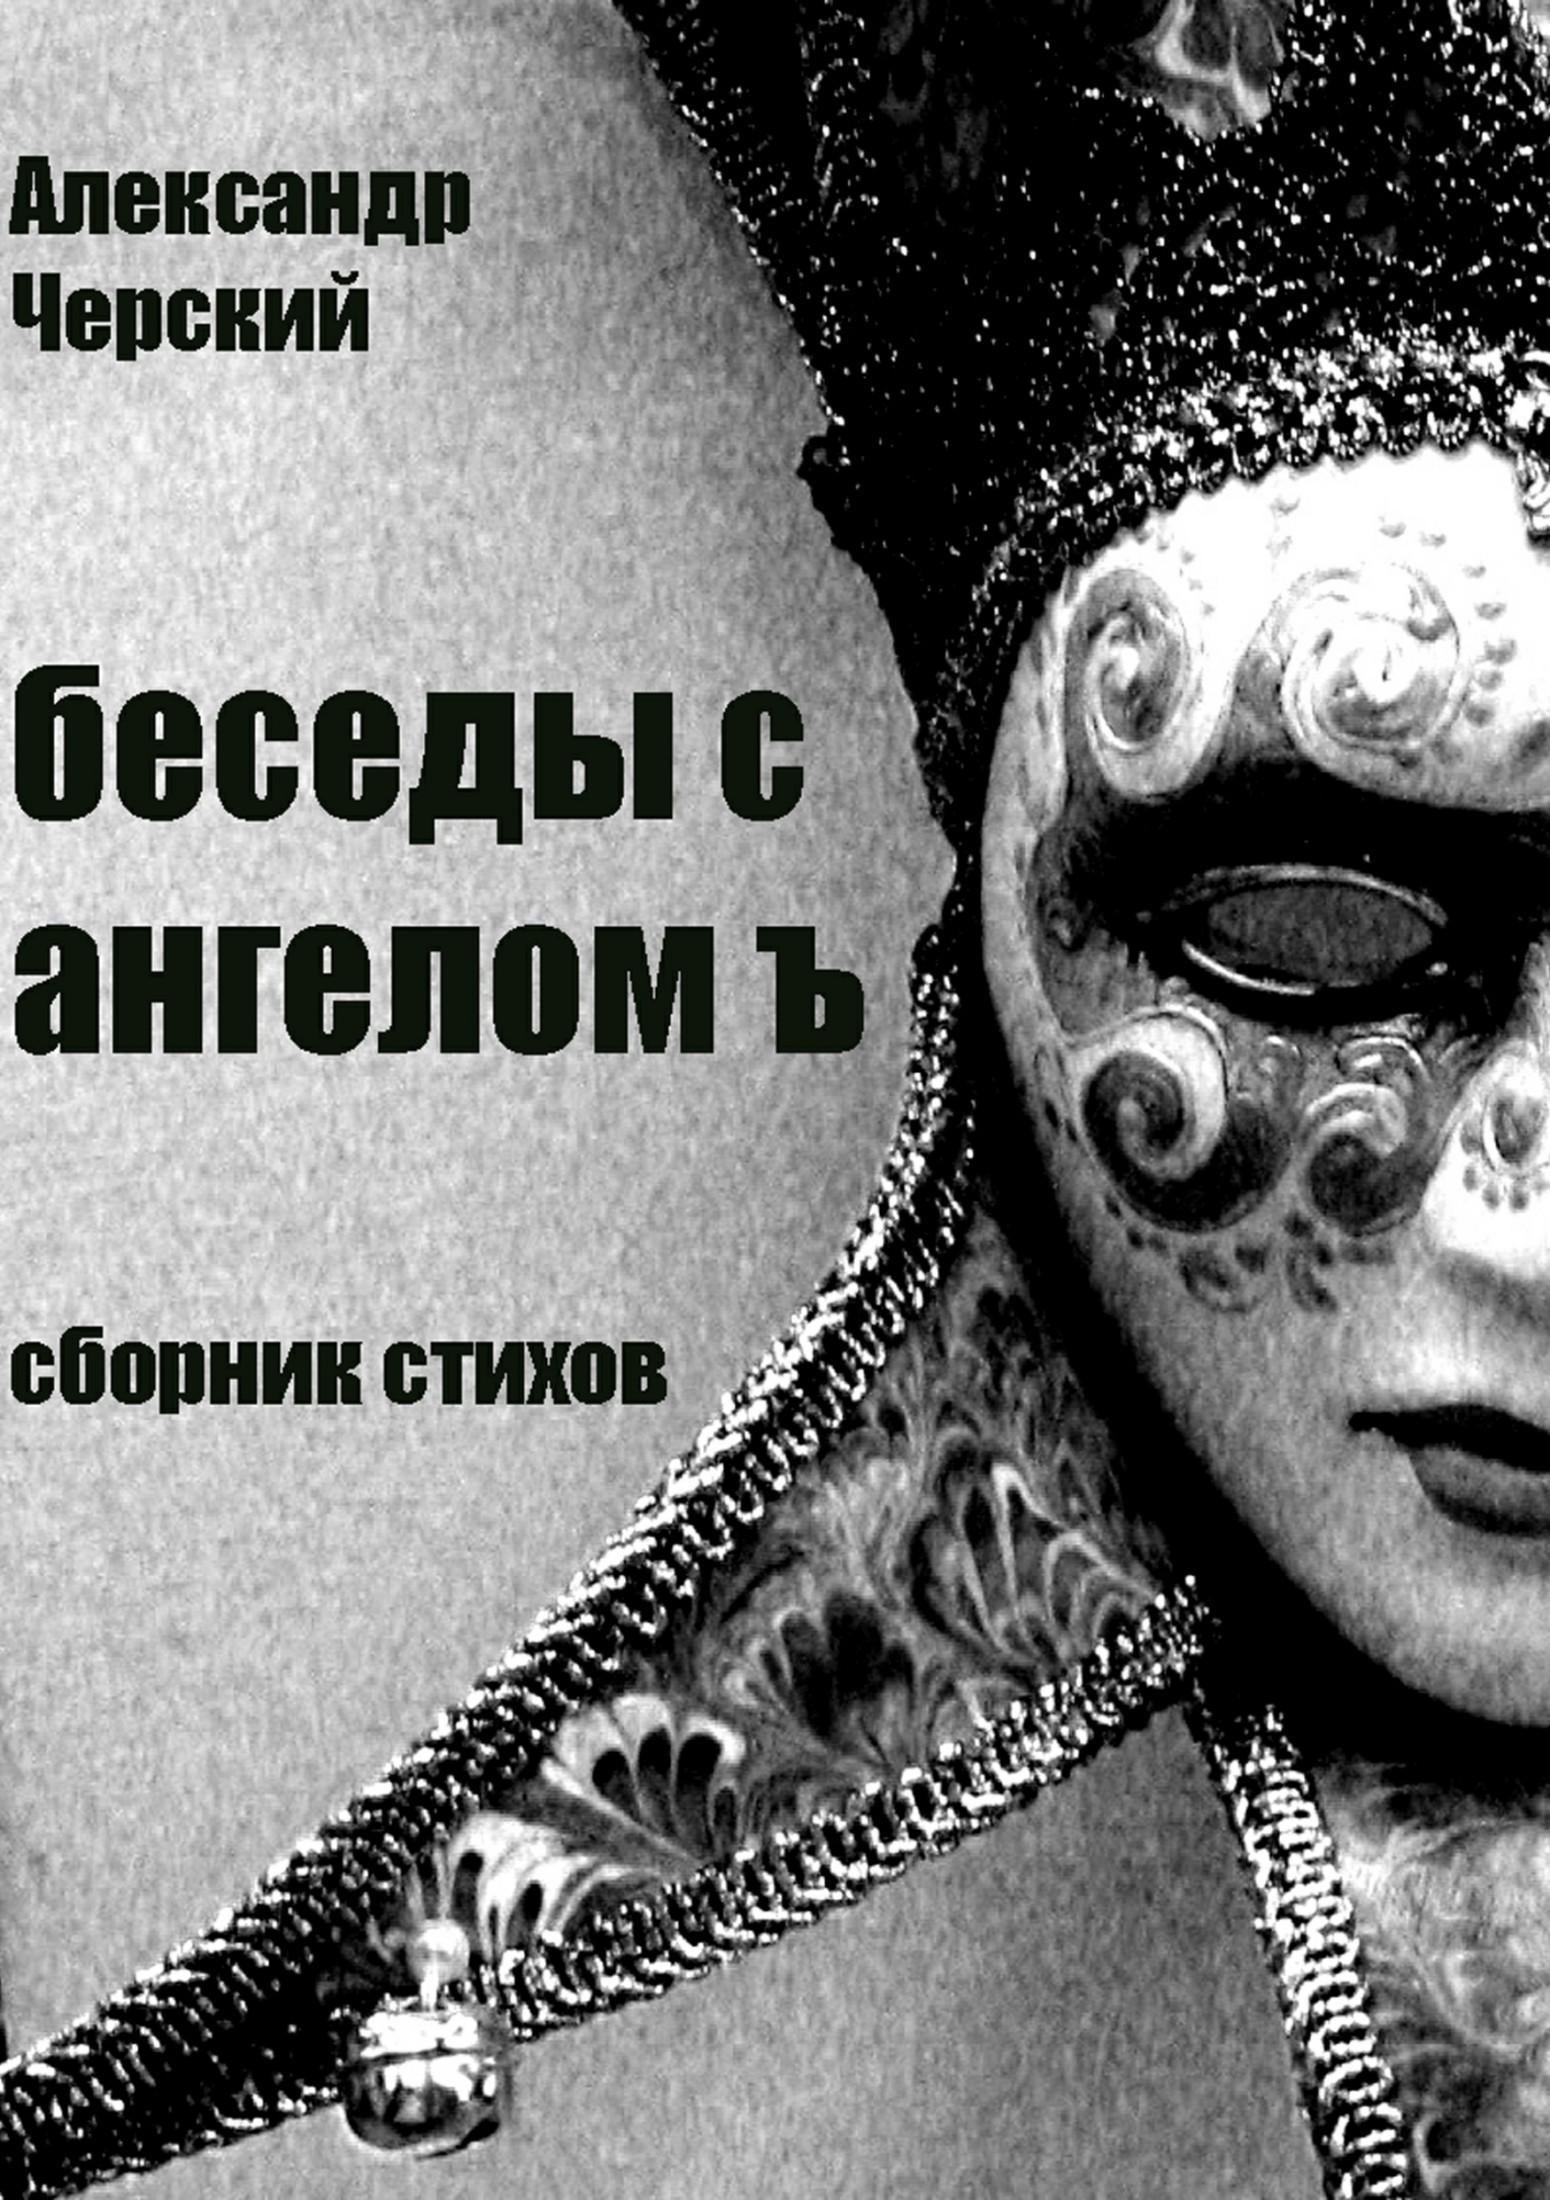 Александр Владимирович Черский Беседы с ангелом Ъ